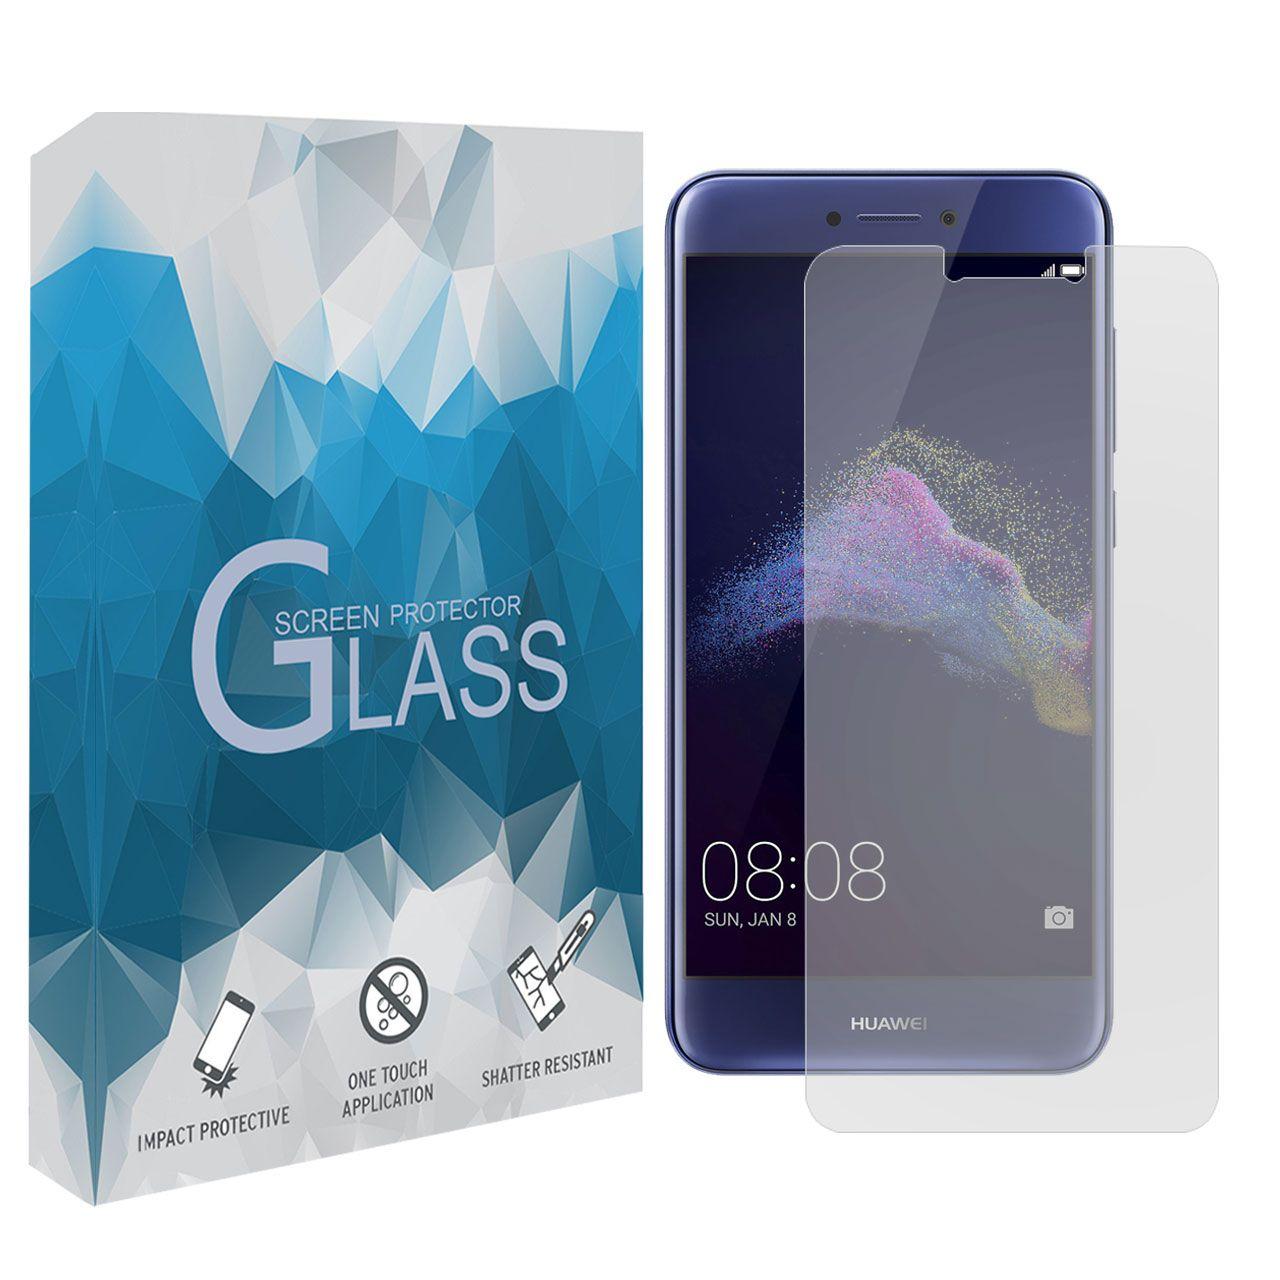 محافظ صفحه نمایش مدل TGSP مناسب برای گوشی موبایل هوآوی P8 Lite 2017 / P9 Lite 2017 / Nova Lite / GR3 2017 / آنر 8 Lite